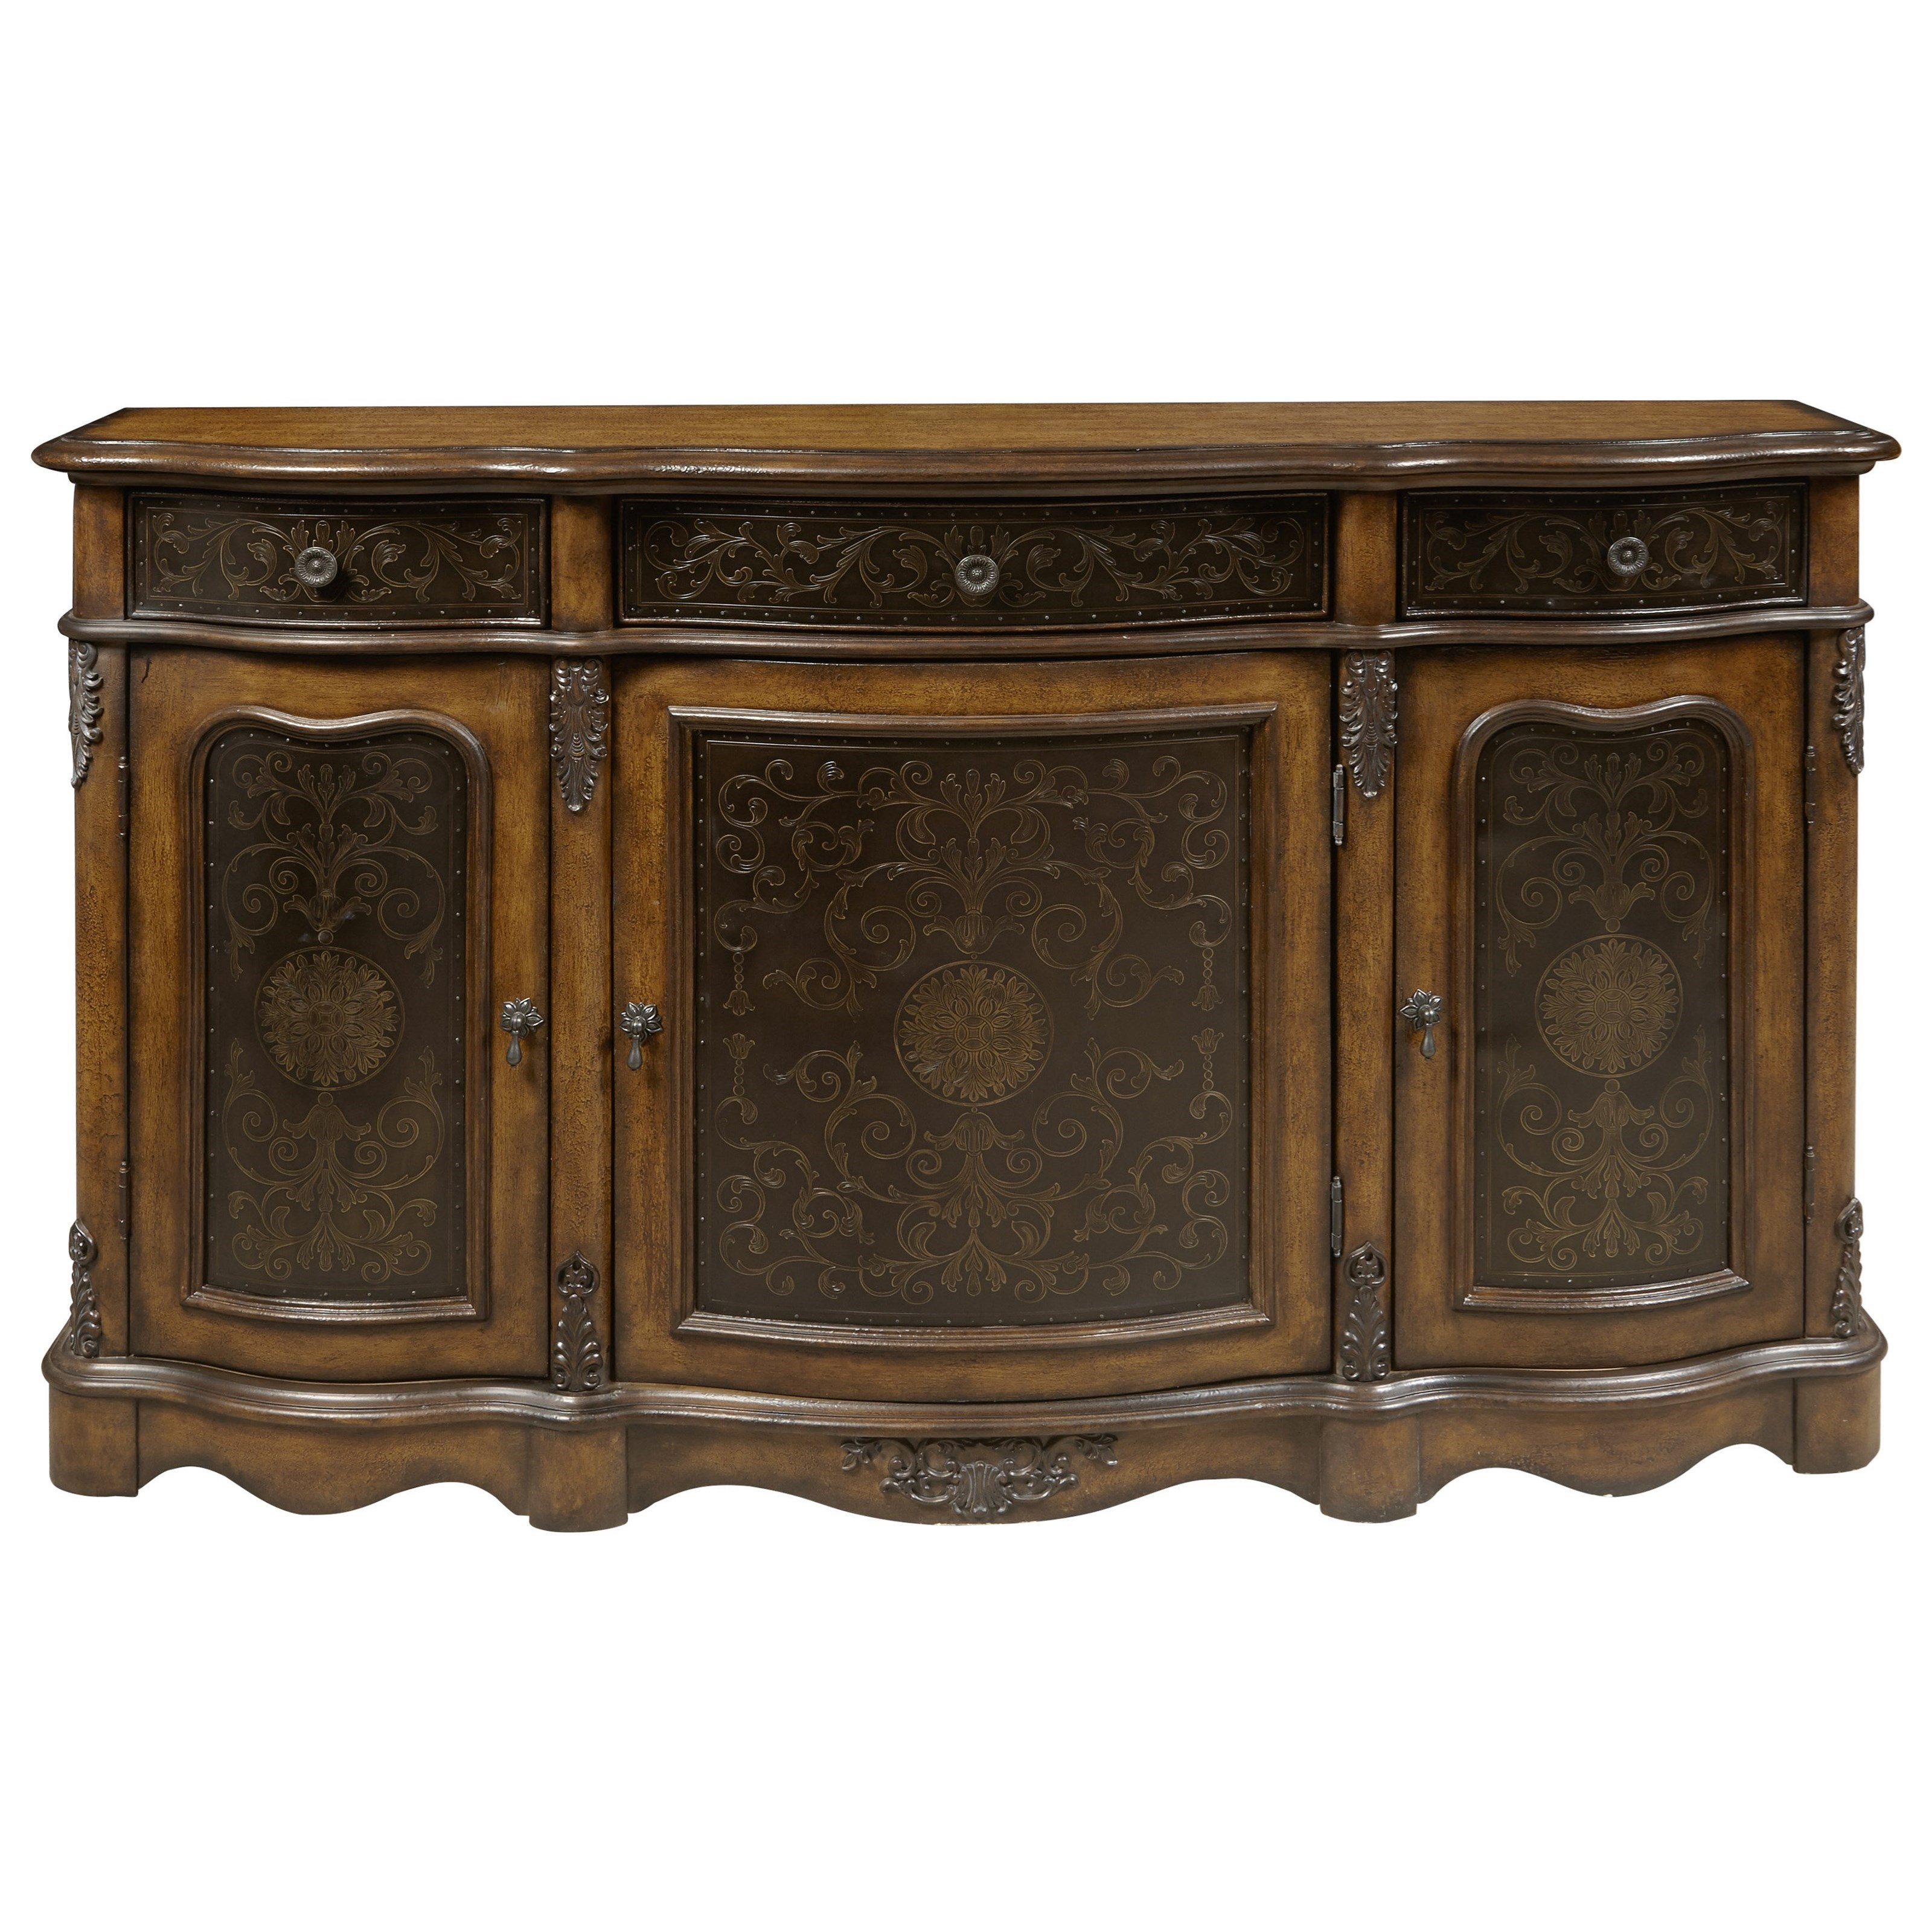 Pulaski Furniture Accents Accent Credenza - Item Number: P017040